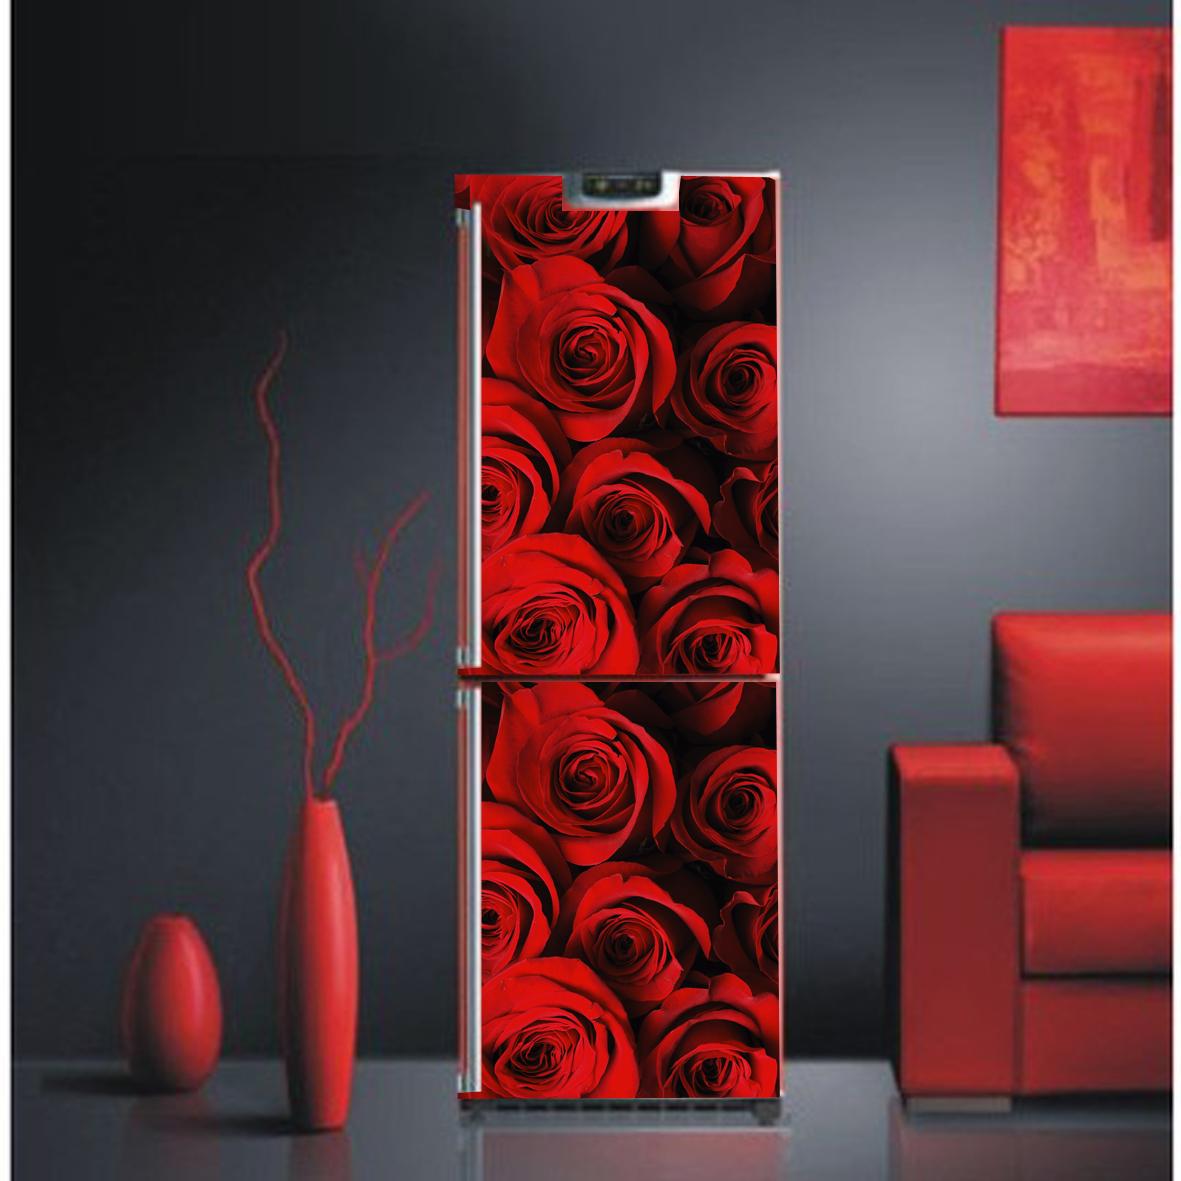 dekorfolie k chenfolie m belfolie k hlschrankfolie rote rosen gr e l ebay. Black Bedroom Furniture Sets. Home Design Ideas